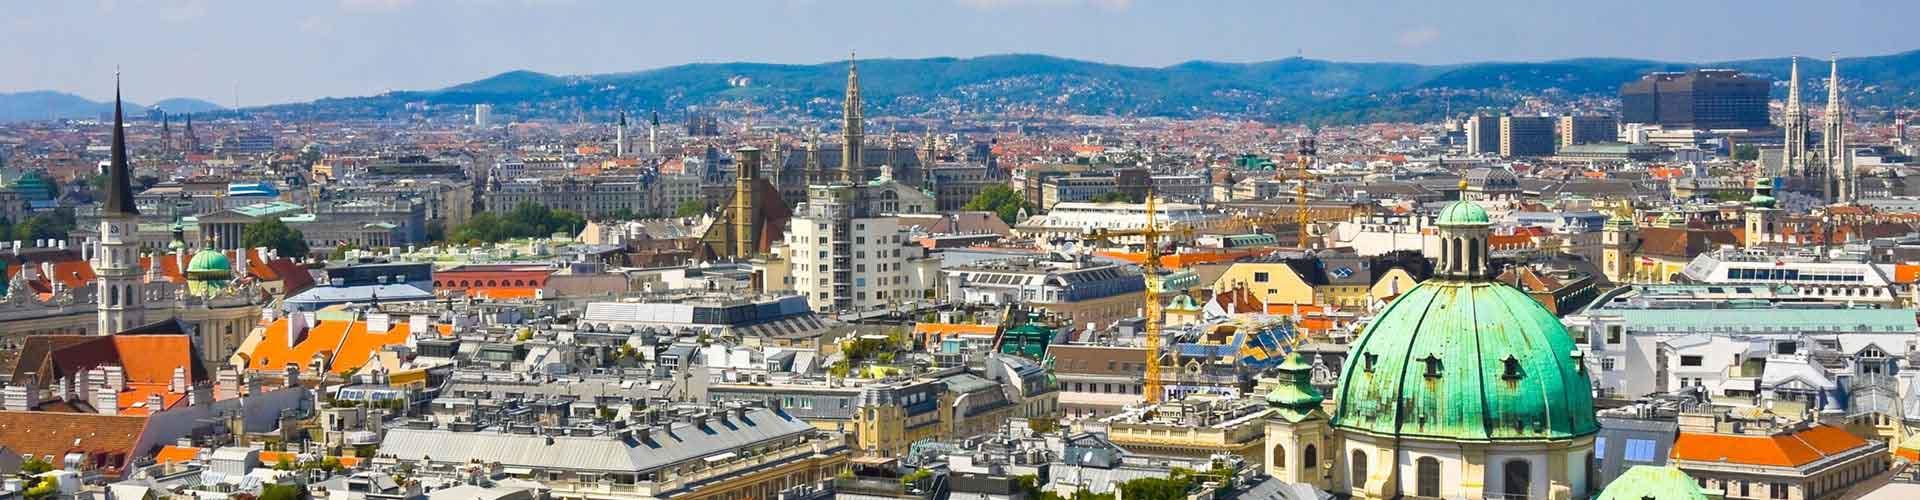 Viena - Campamentos en el distrito Neubau. Mapas de Viena, Fotos y comentarios de cada Campamento en Viena.